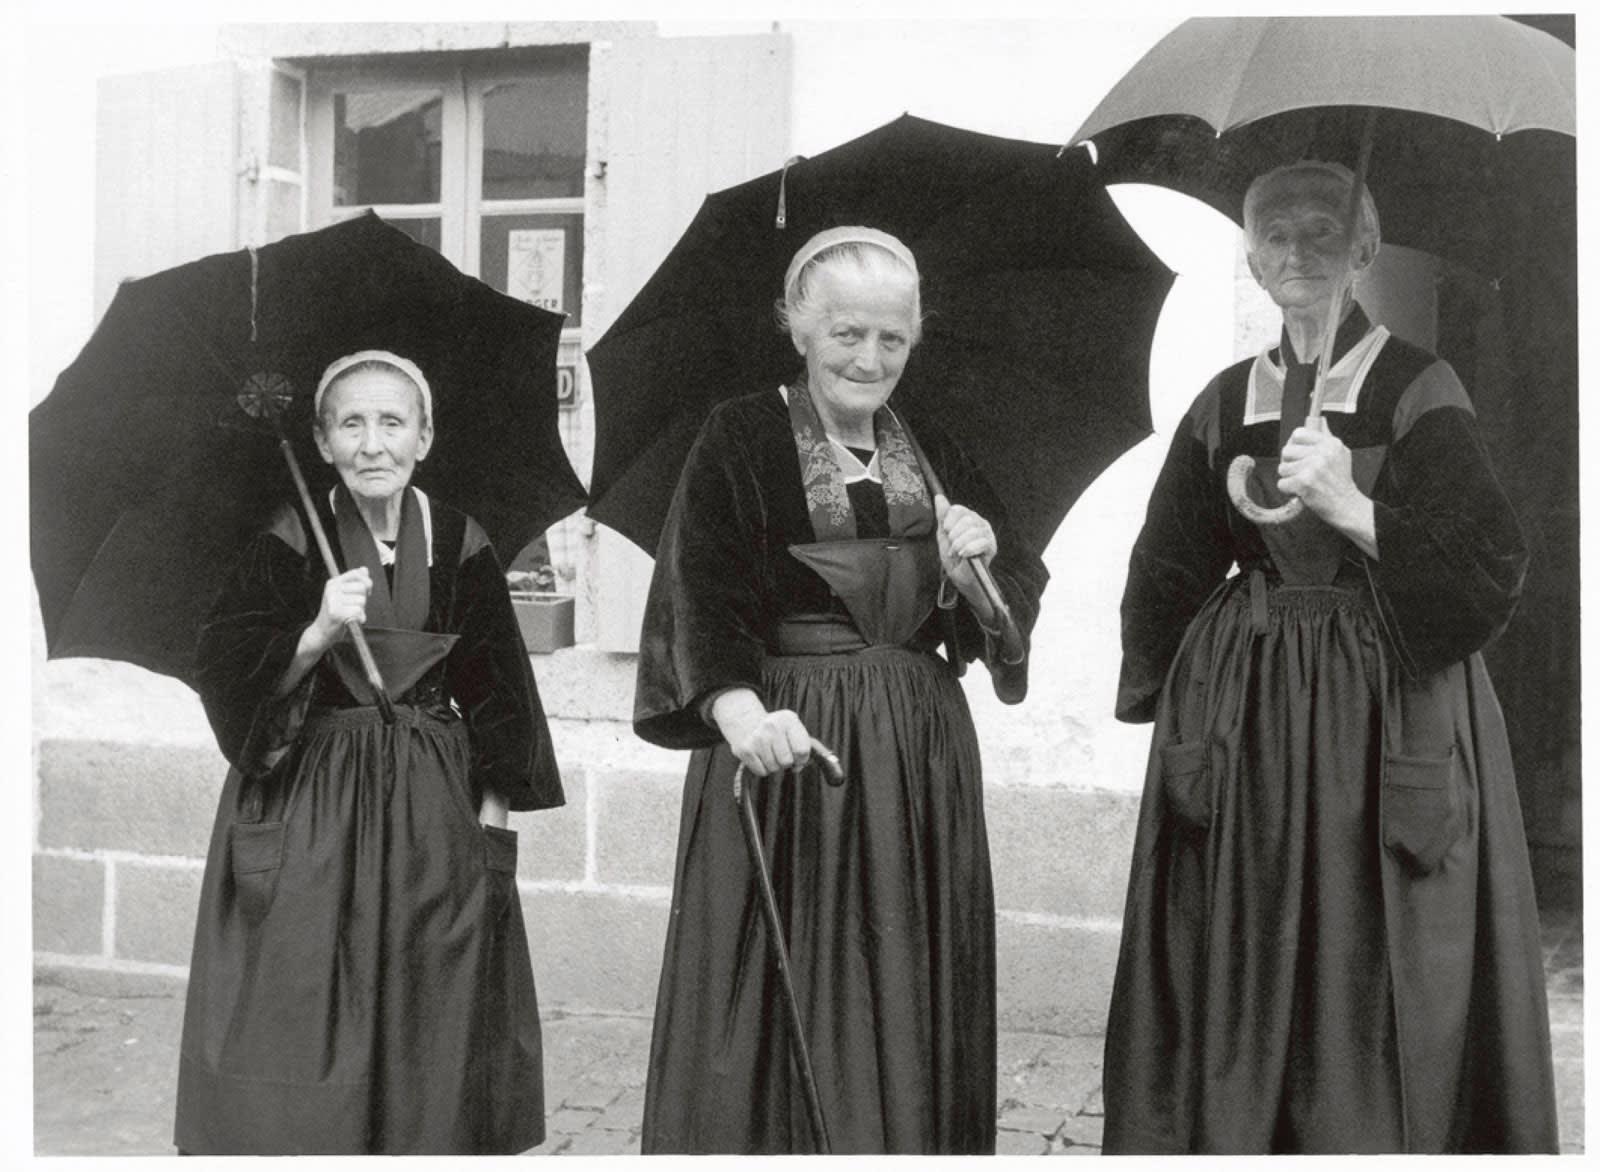 Sabine Weiss, Bretagne, 1954